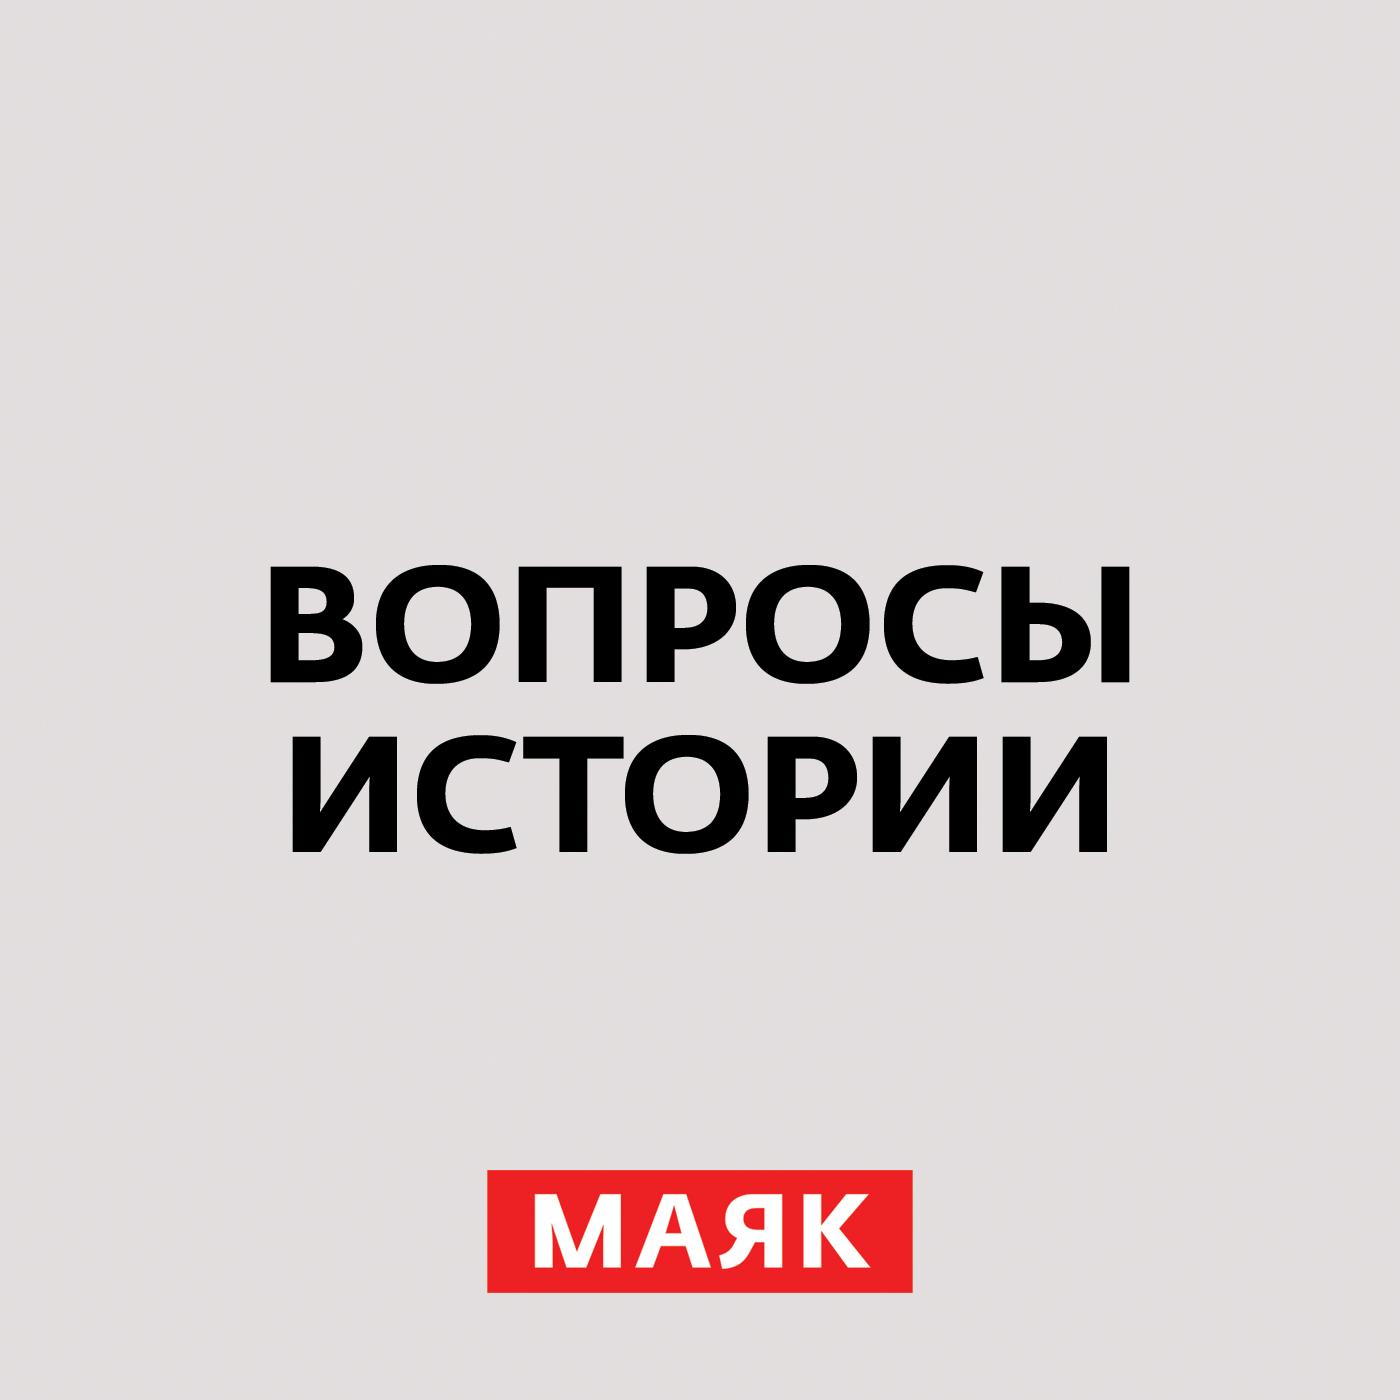 Андрей Светенко А победила ли Россия в Северной войне? Часть 3 андрей светенко правда о крымской войне часть 1